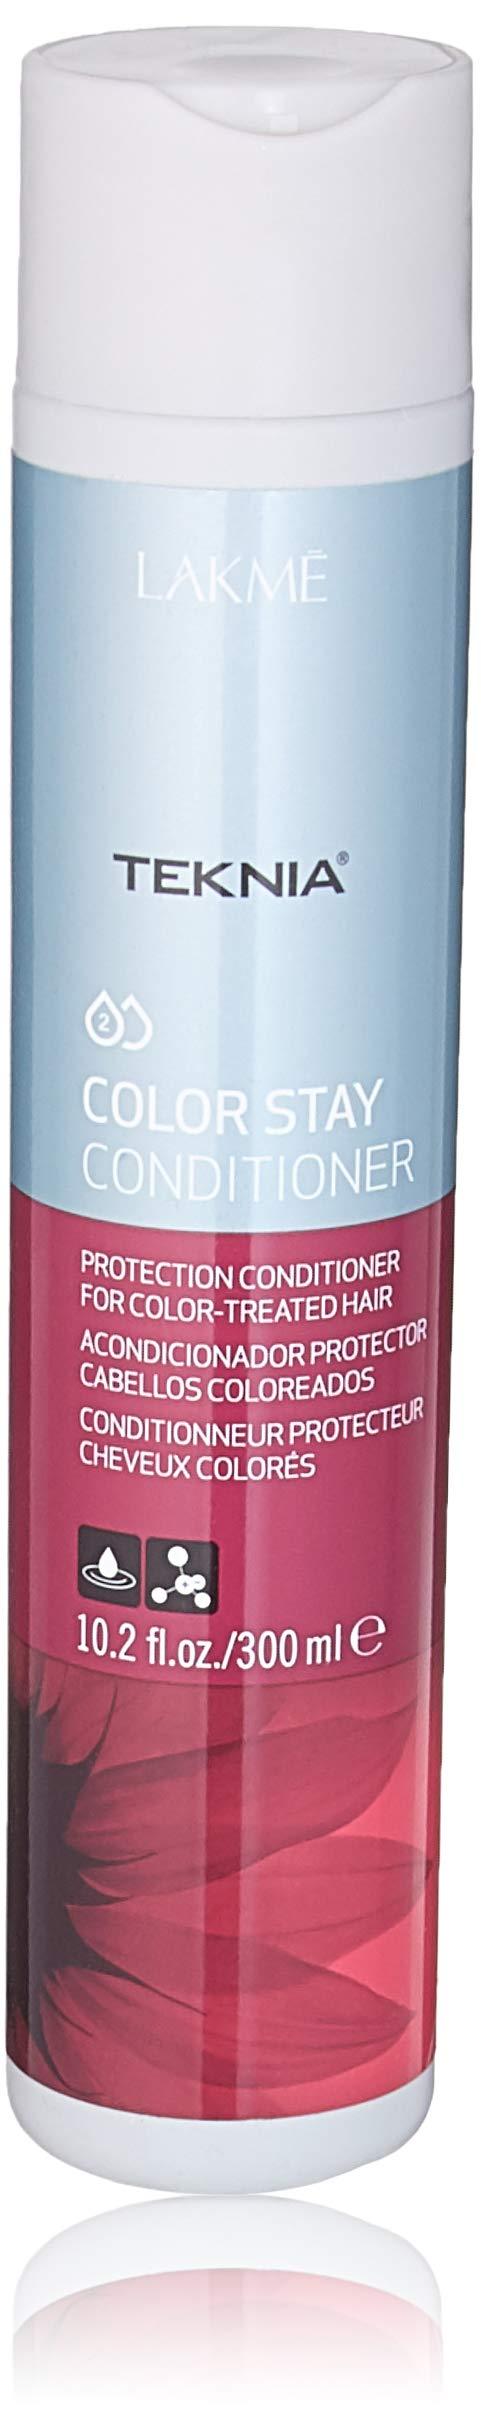 Lakme Teknia Color Stay Conditioner, 10.2 Fl Oz